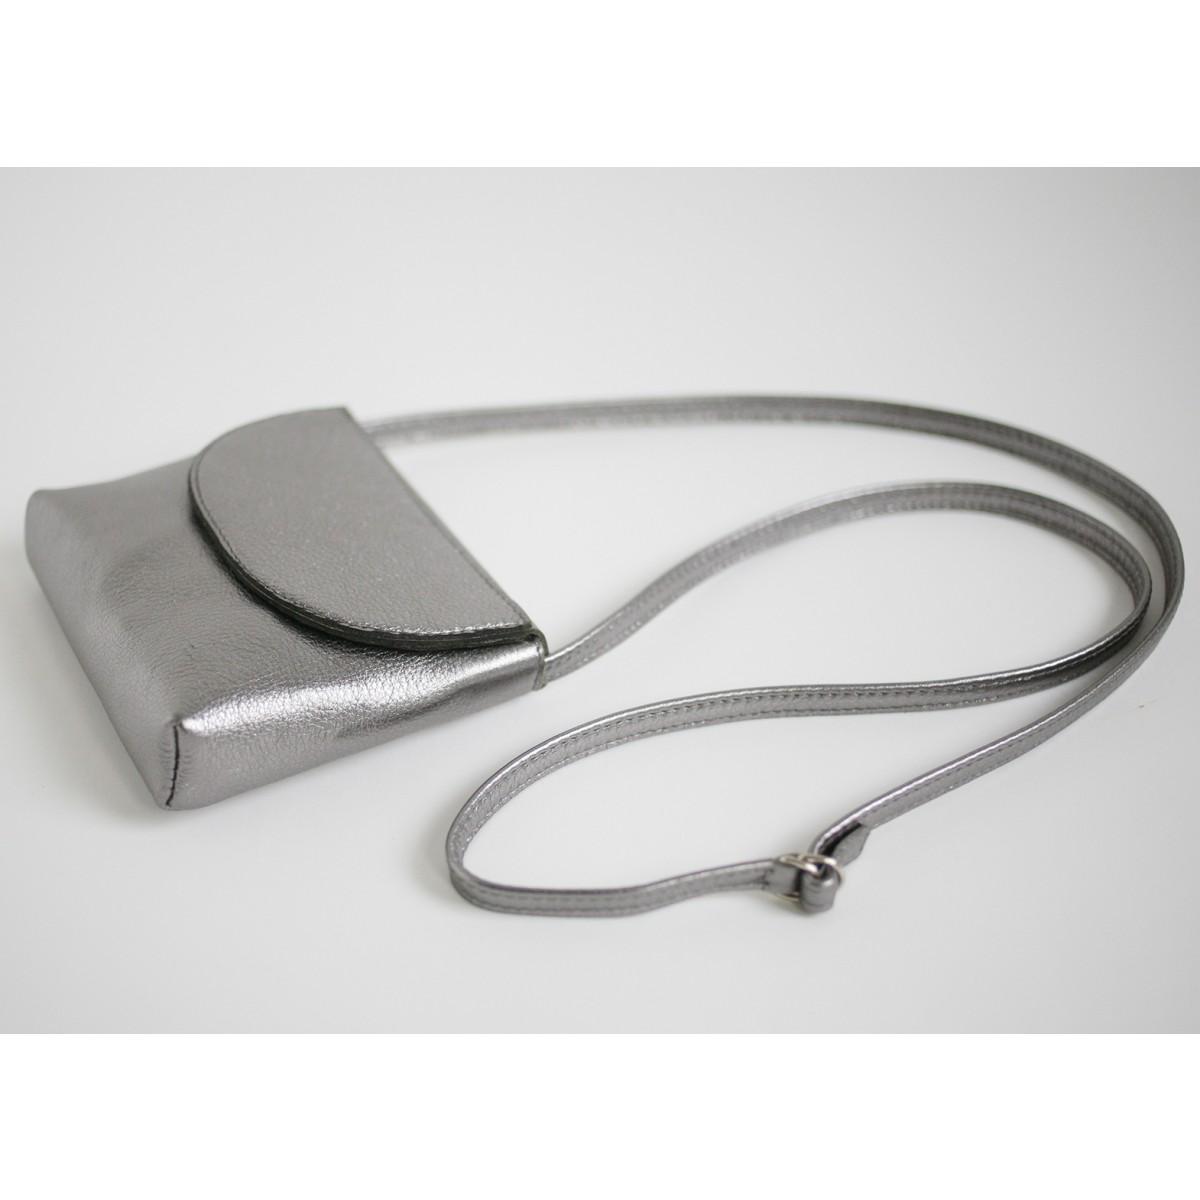 Partytasche echt Leder Metallic Anthrazit